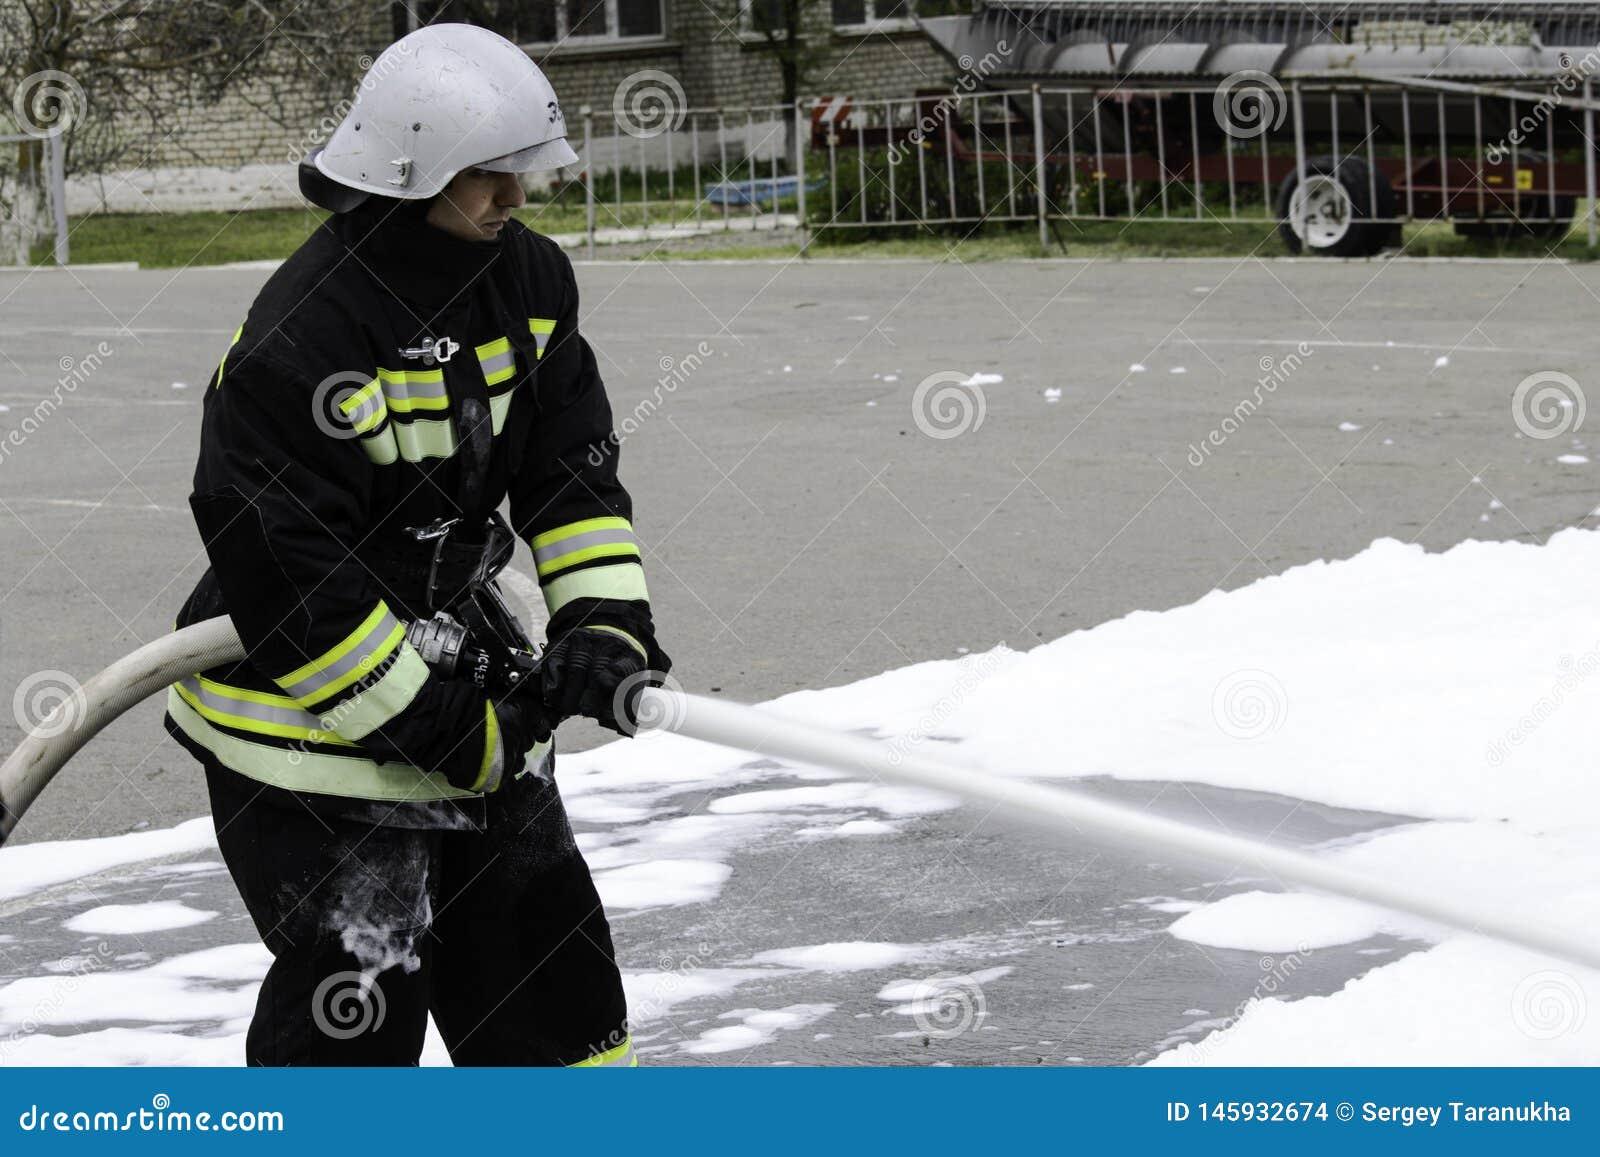 04 24 2019 Divnoye, территория Stavropol, Россия Демонстрации спасителей и пожарных местного отделения пожарной охраны в